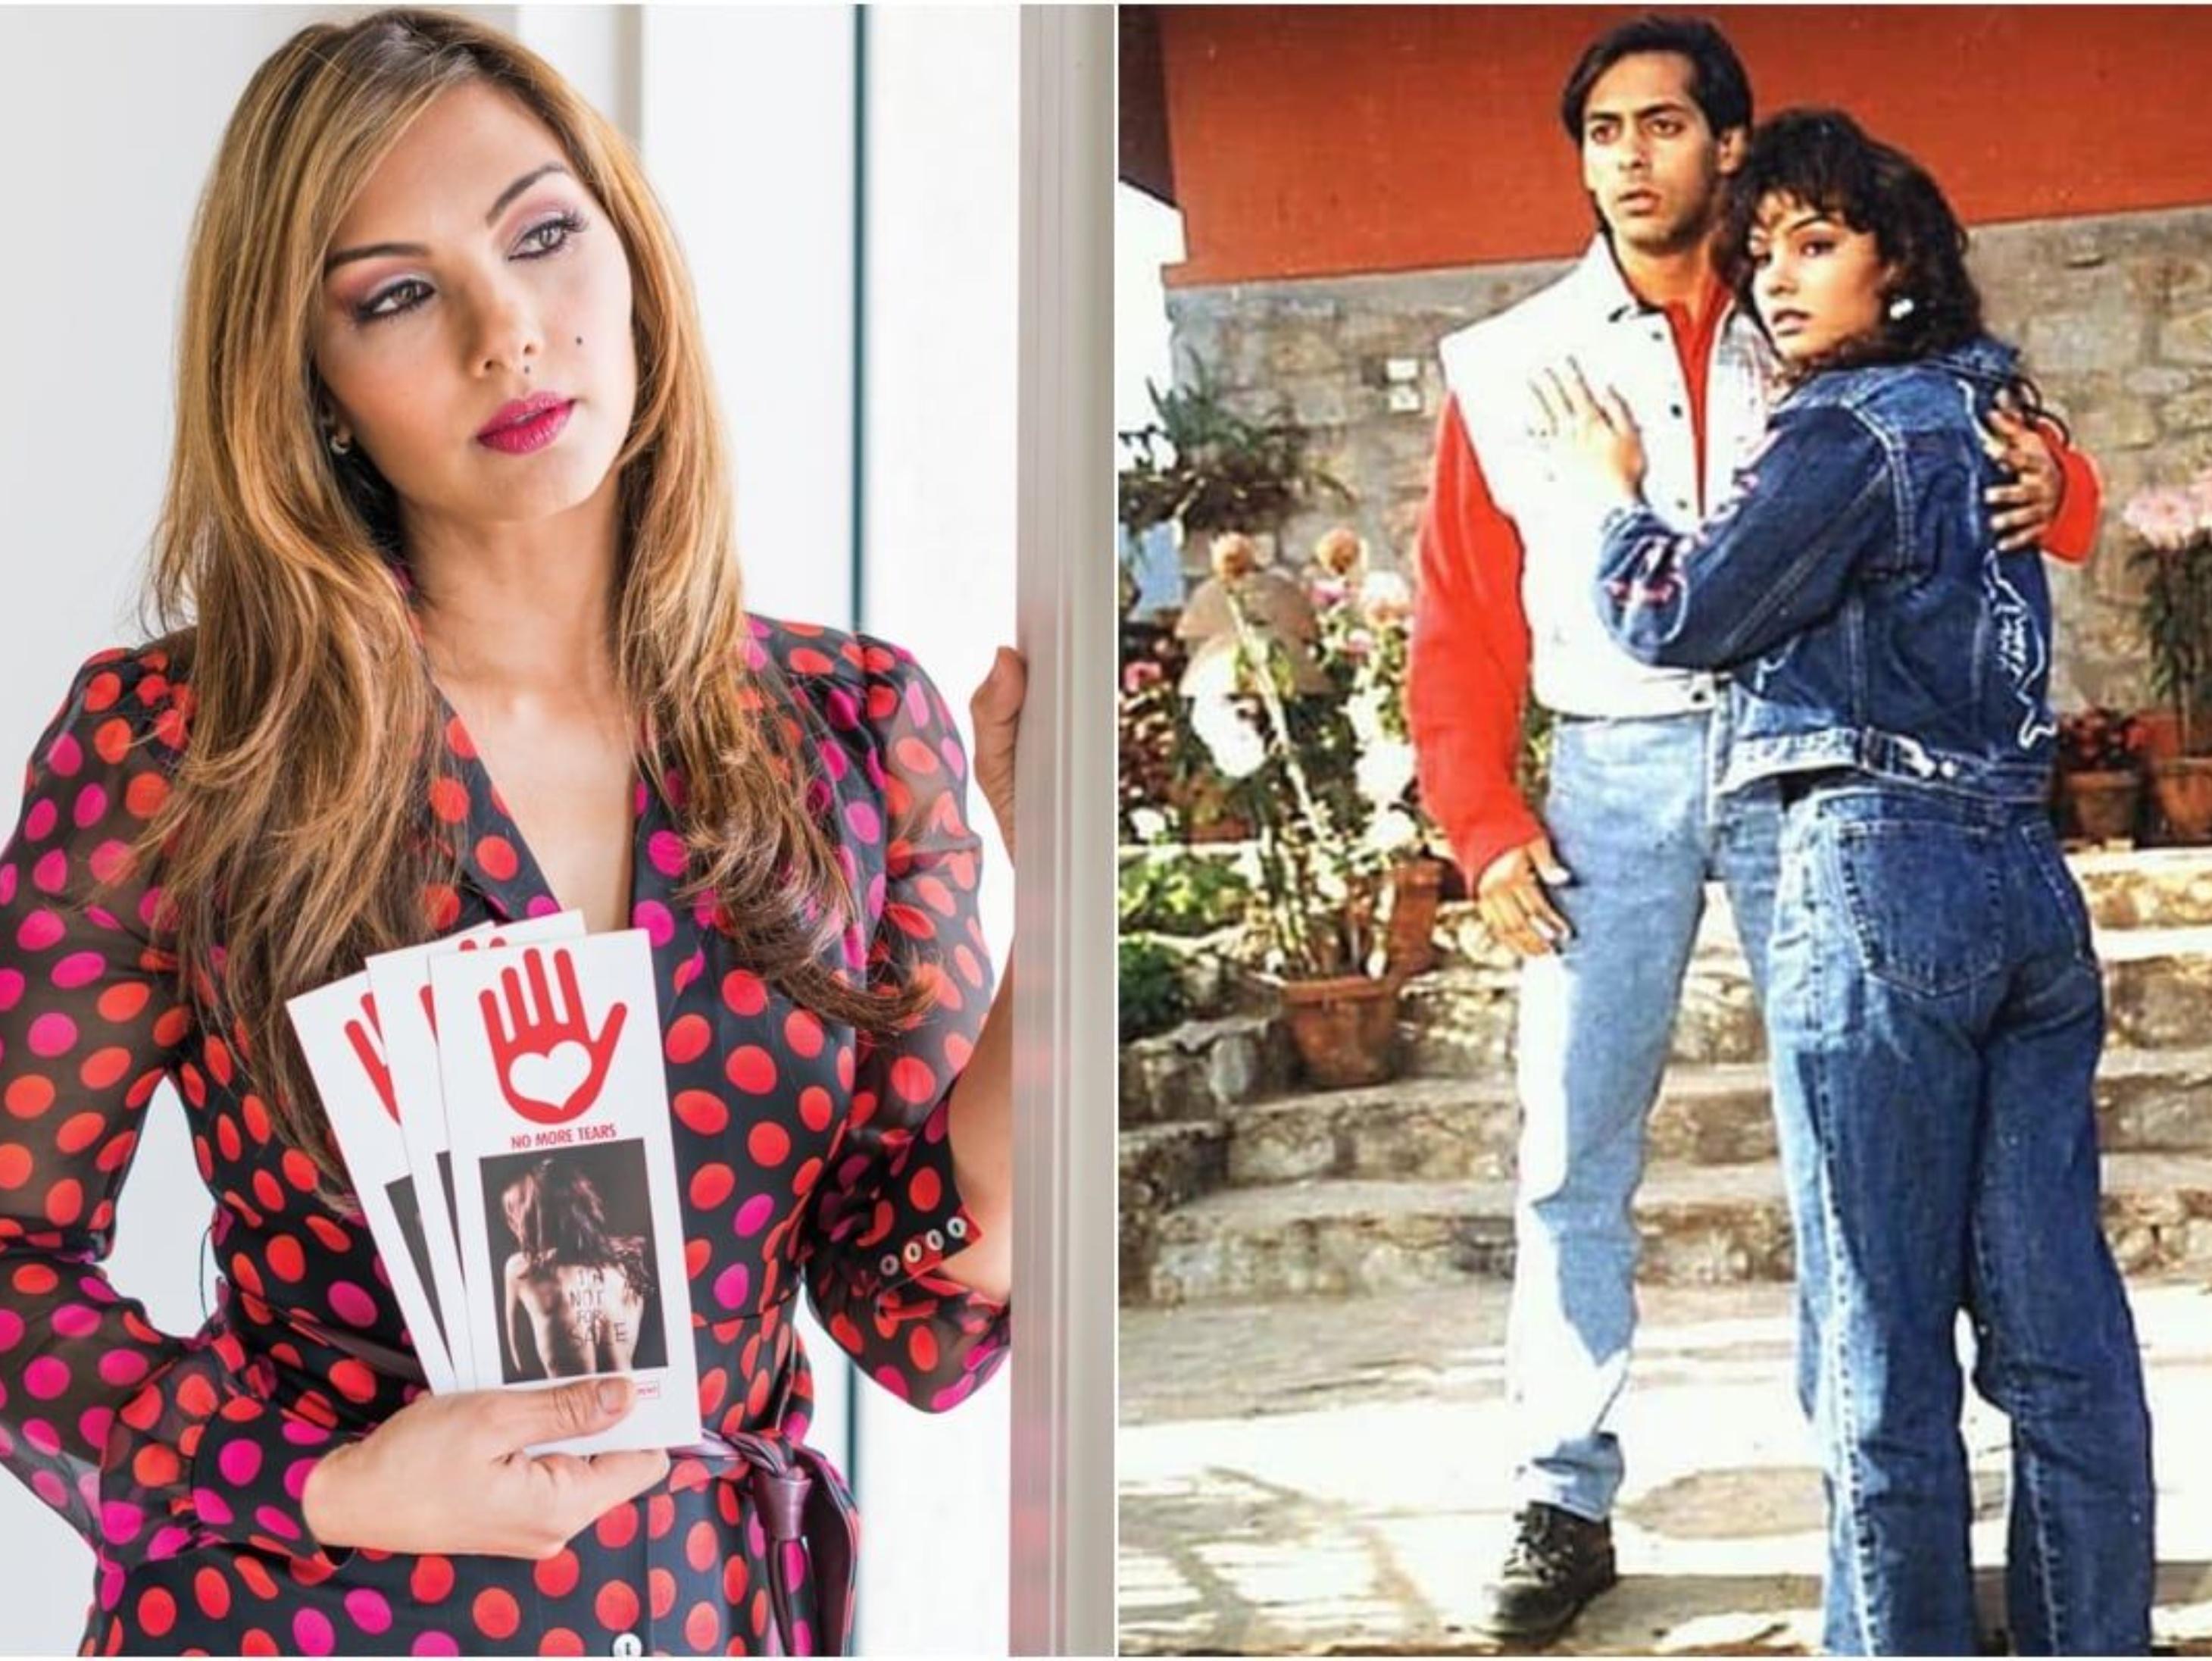 सोमी अली ने कहा- सलमान से दूर रहना ही मेरे लिए सेहतमंद, नहीं जानती अब तक उनकी कितनी गर्लफ्रेंड बन गई होंगी|बॉलीवुड,Bollywood - Dainik Bhaskar